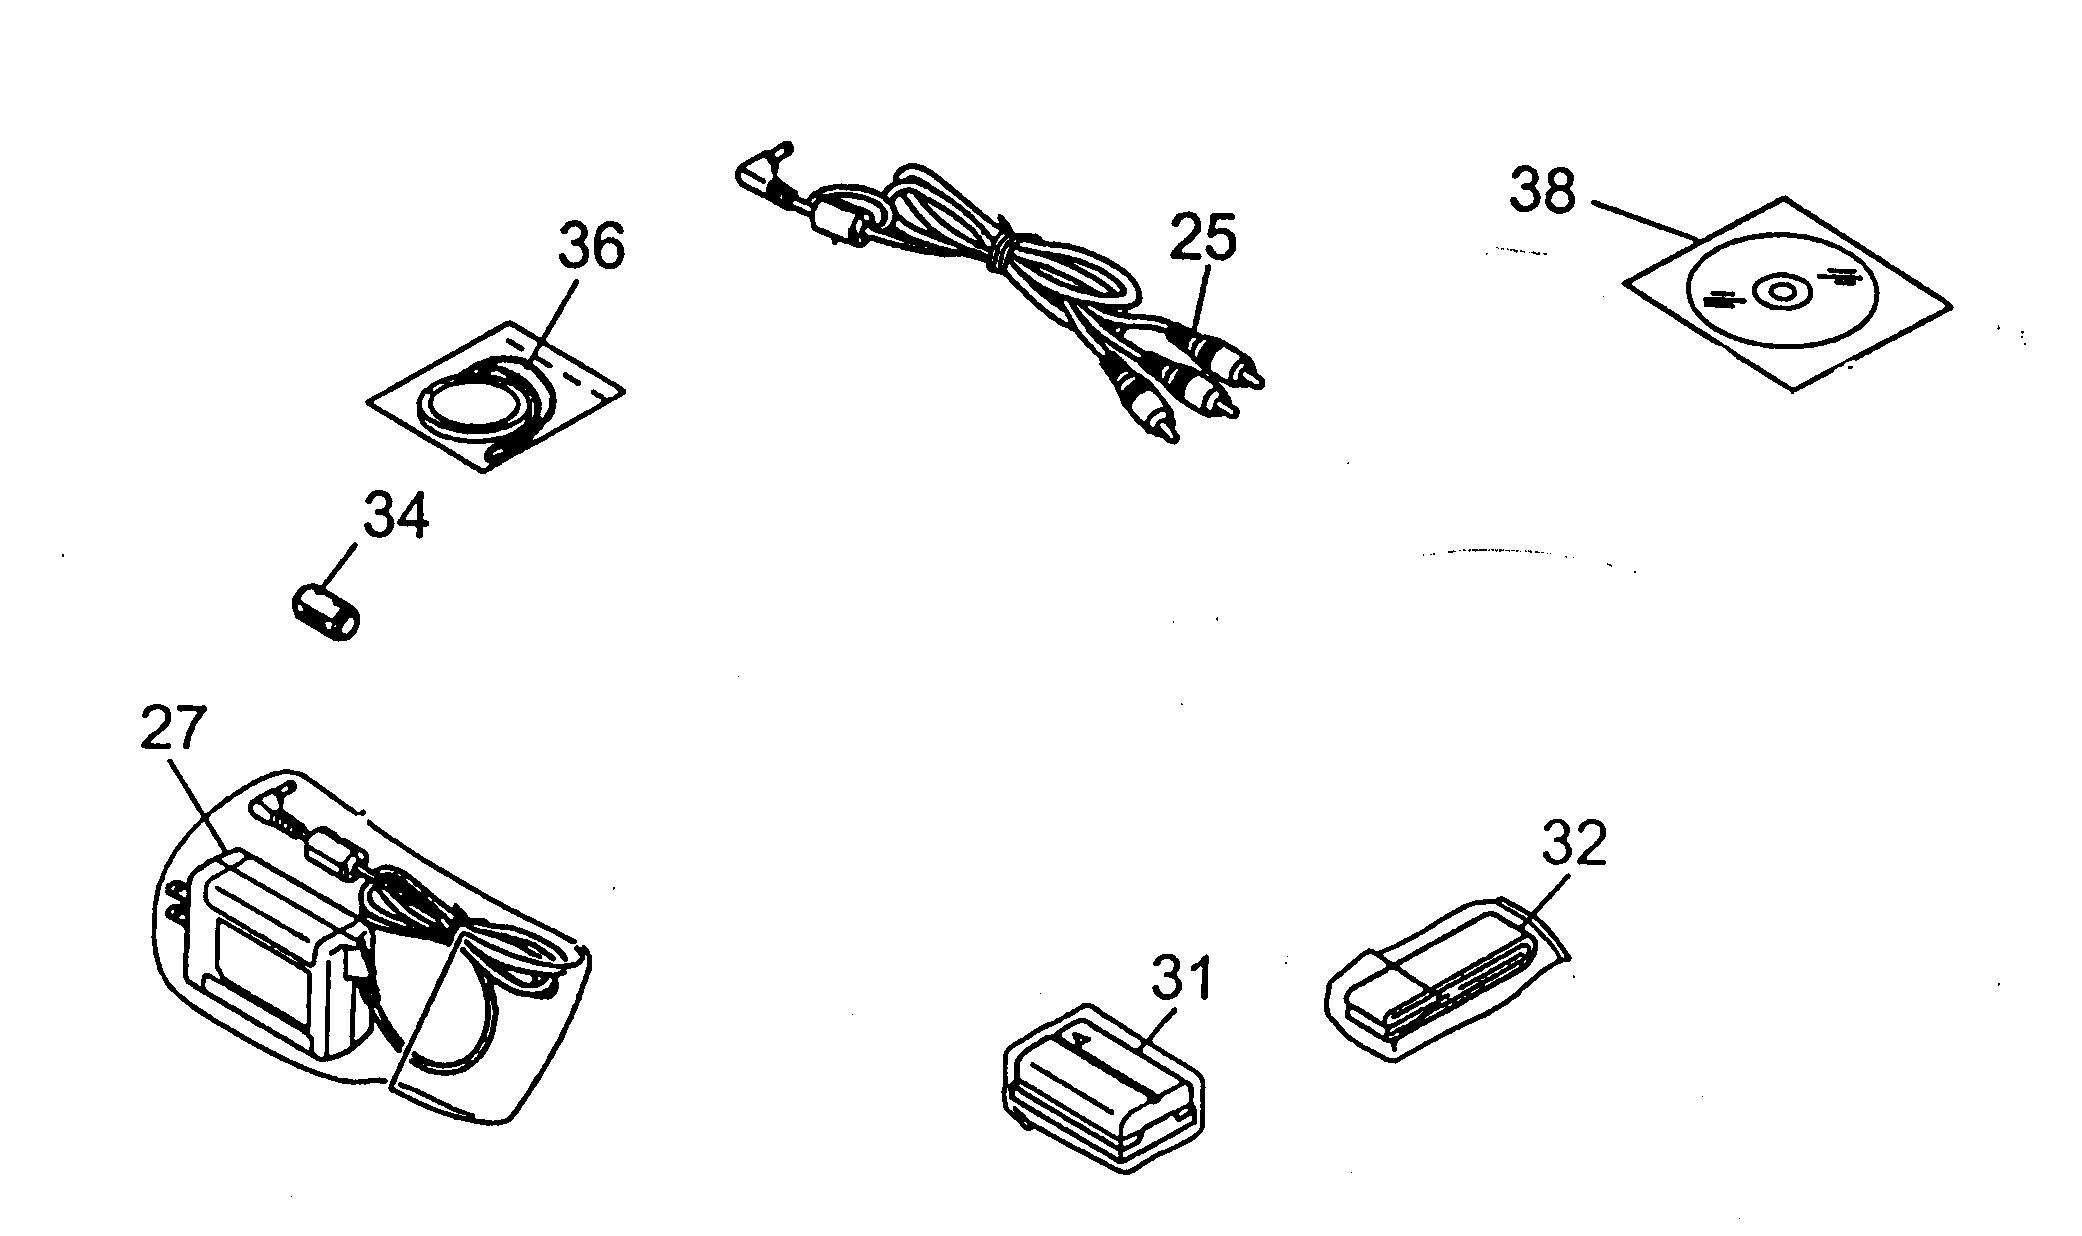 Jvc model GR-D30U digital camcorder genuine parts